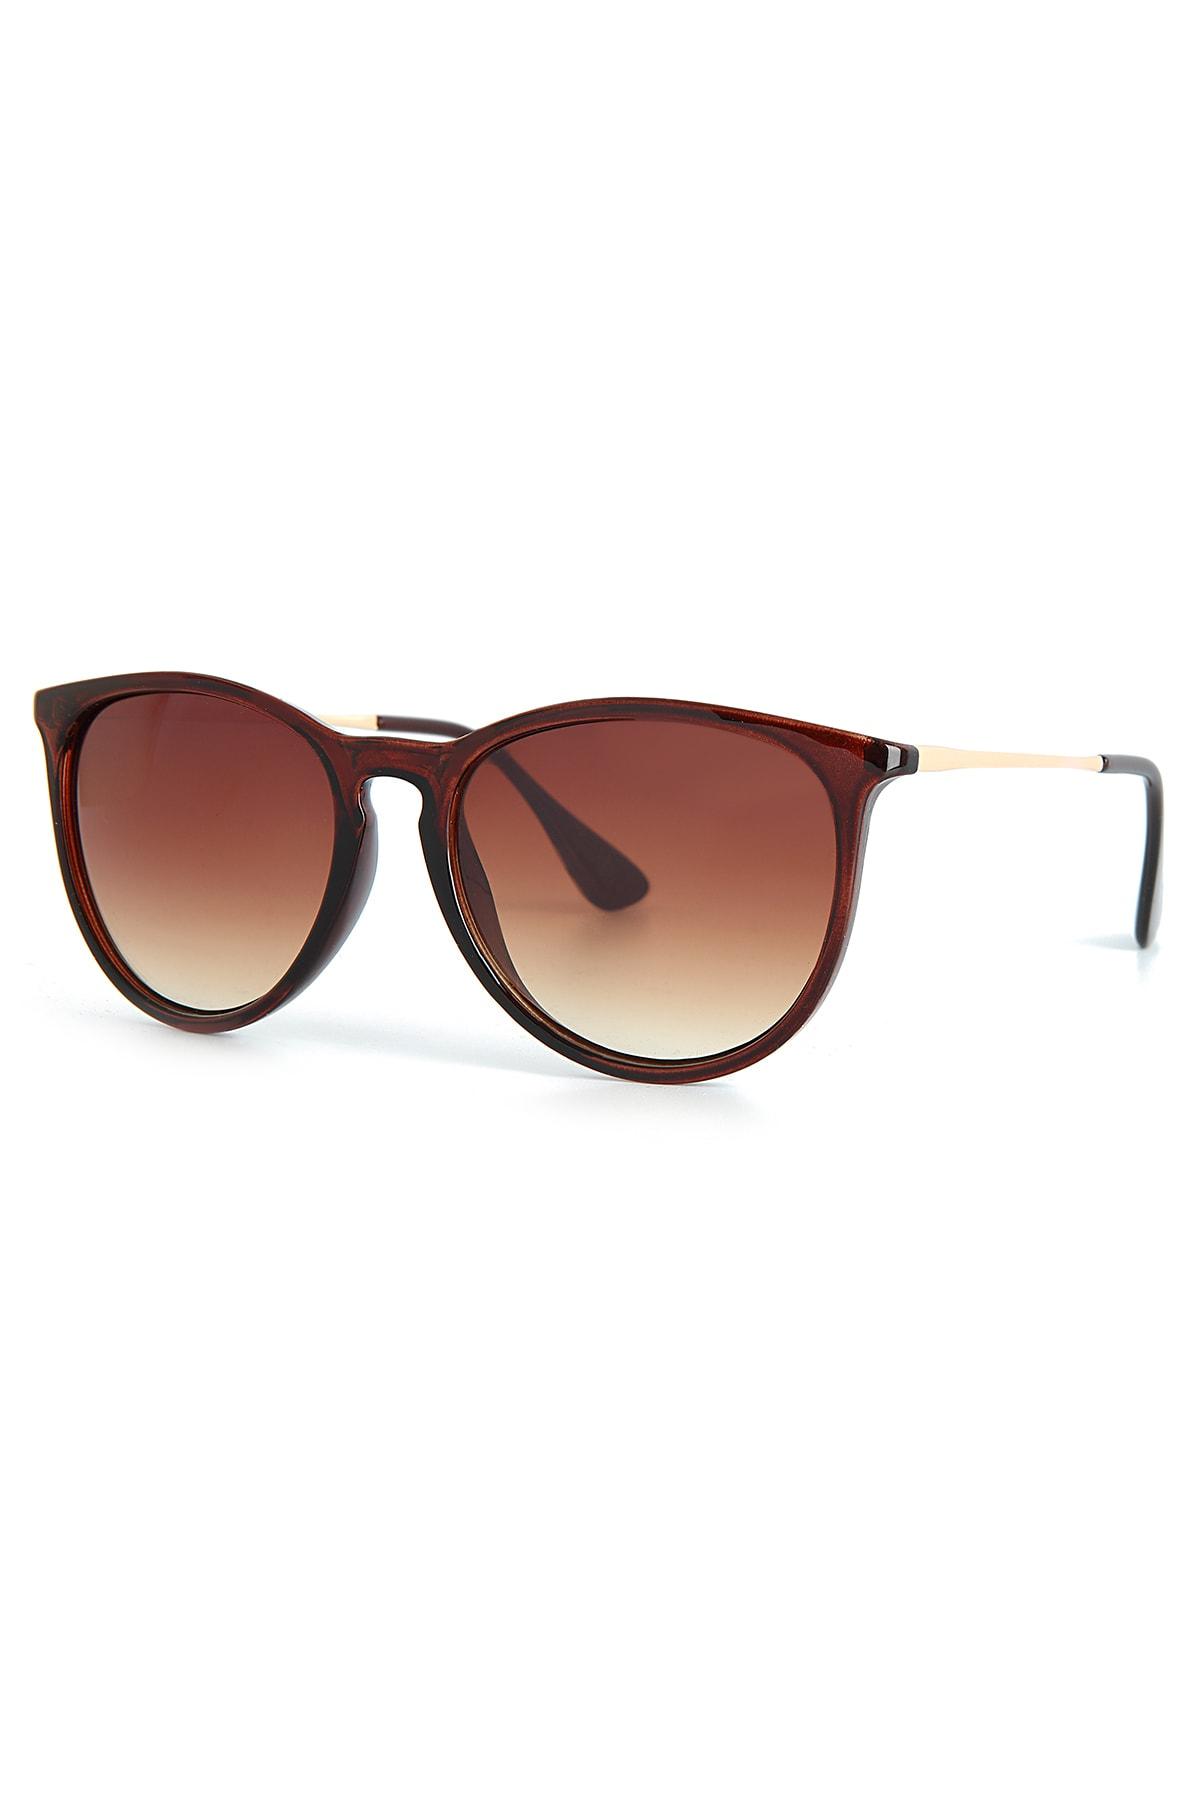 عینک آفتابی زنانه مدل دار برند Aqua Di Polo 1987 رنگ قهوه ای کد ty96224711